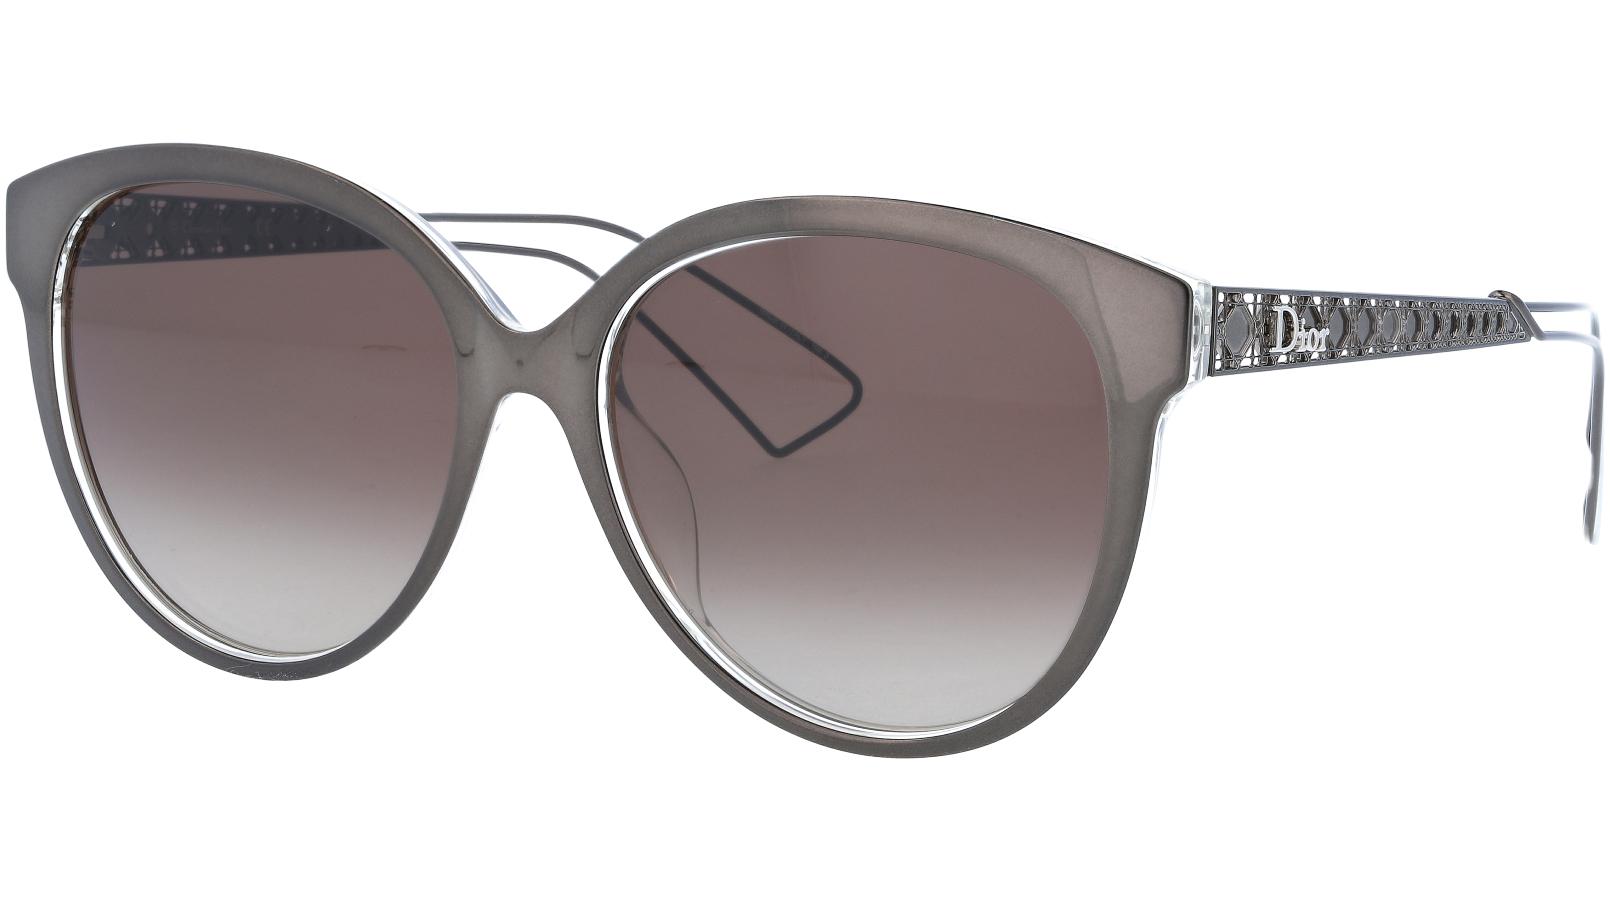 Dior AMA2 TGTHA 56 Grey Sunglasses